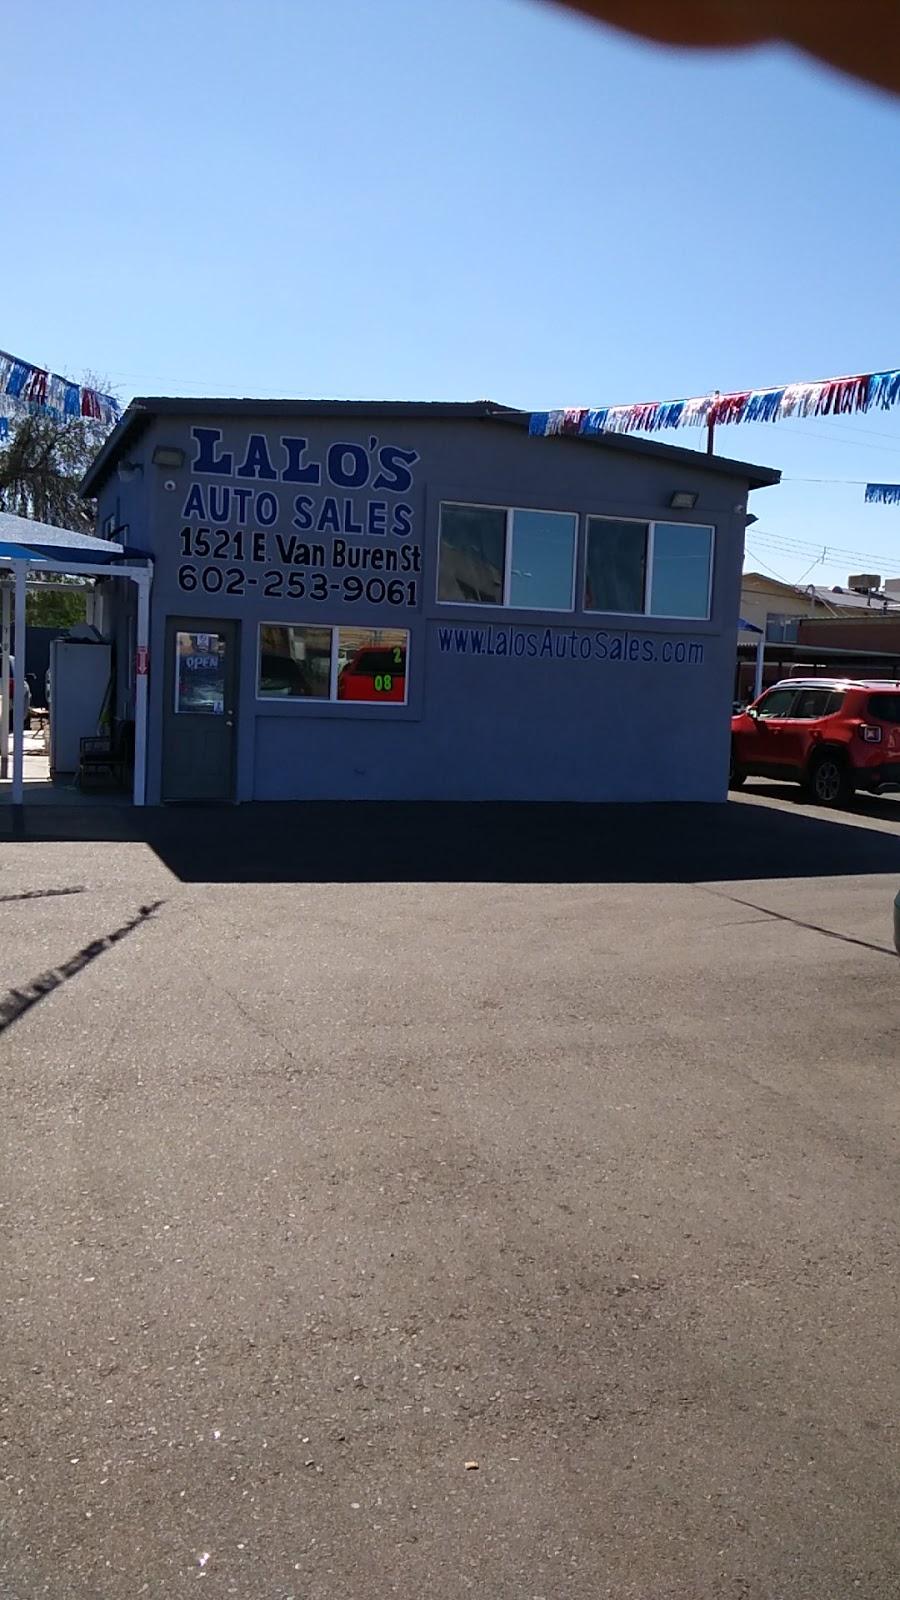 Lalos Auto Sales - car dealer    Photo 7 of 10   Address: 1521 E Van Buren St, Phoenix, AZ 85006, USA   Phone: (602) 253-9061